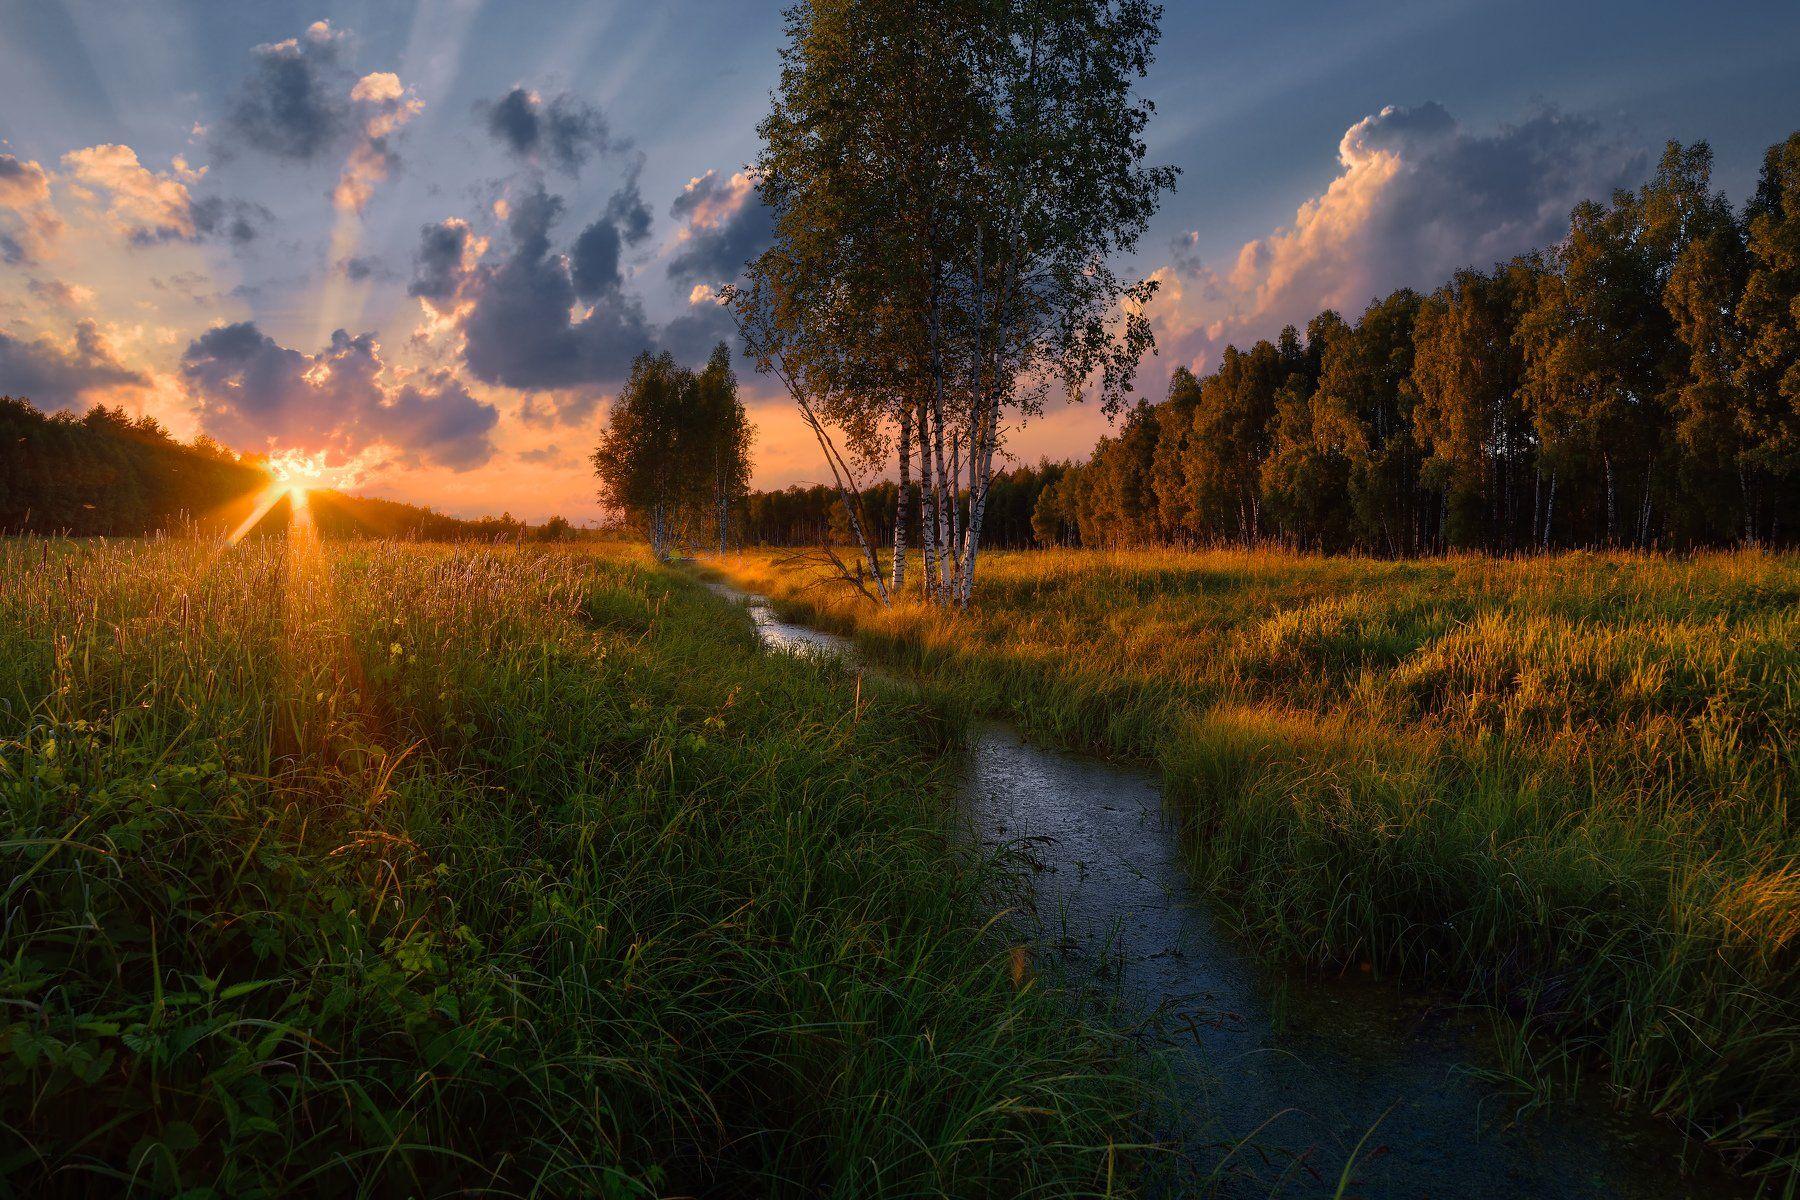 лето,вечер,закат,река,лес,солнце,небо,облака, Виталий Полуэктов